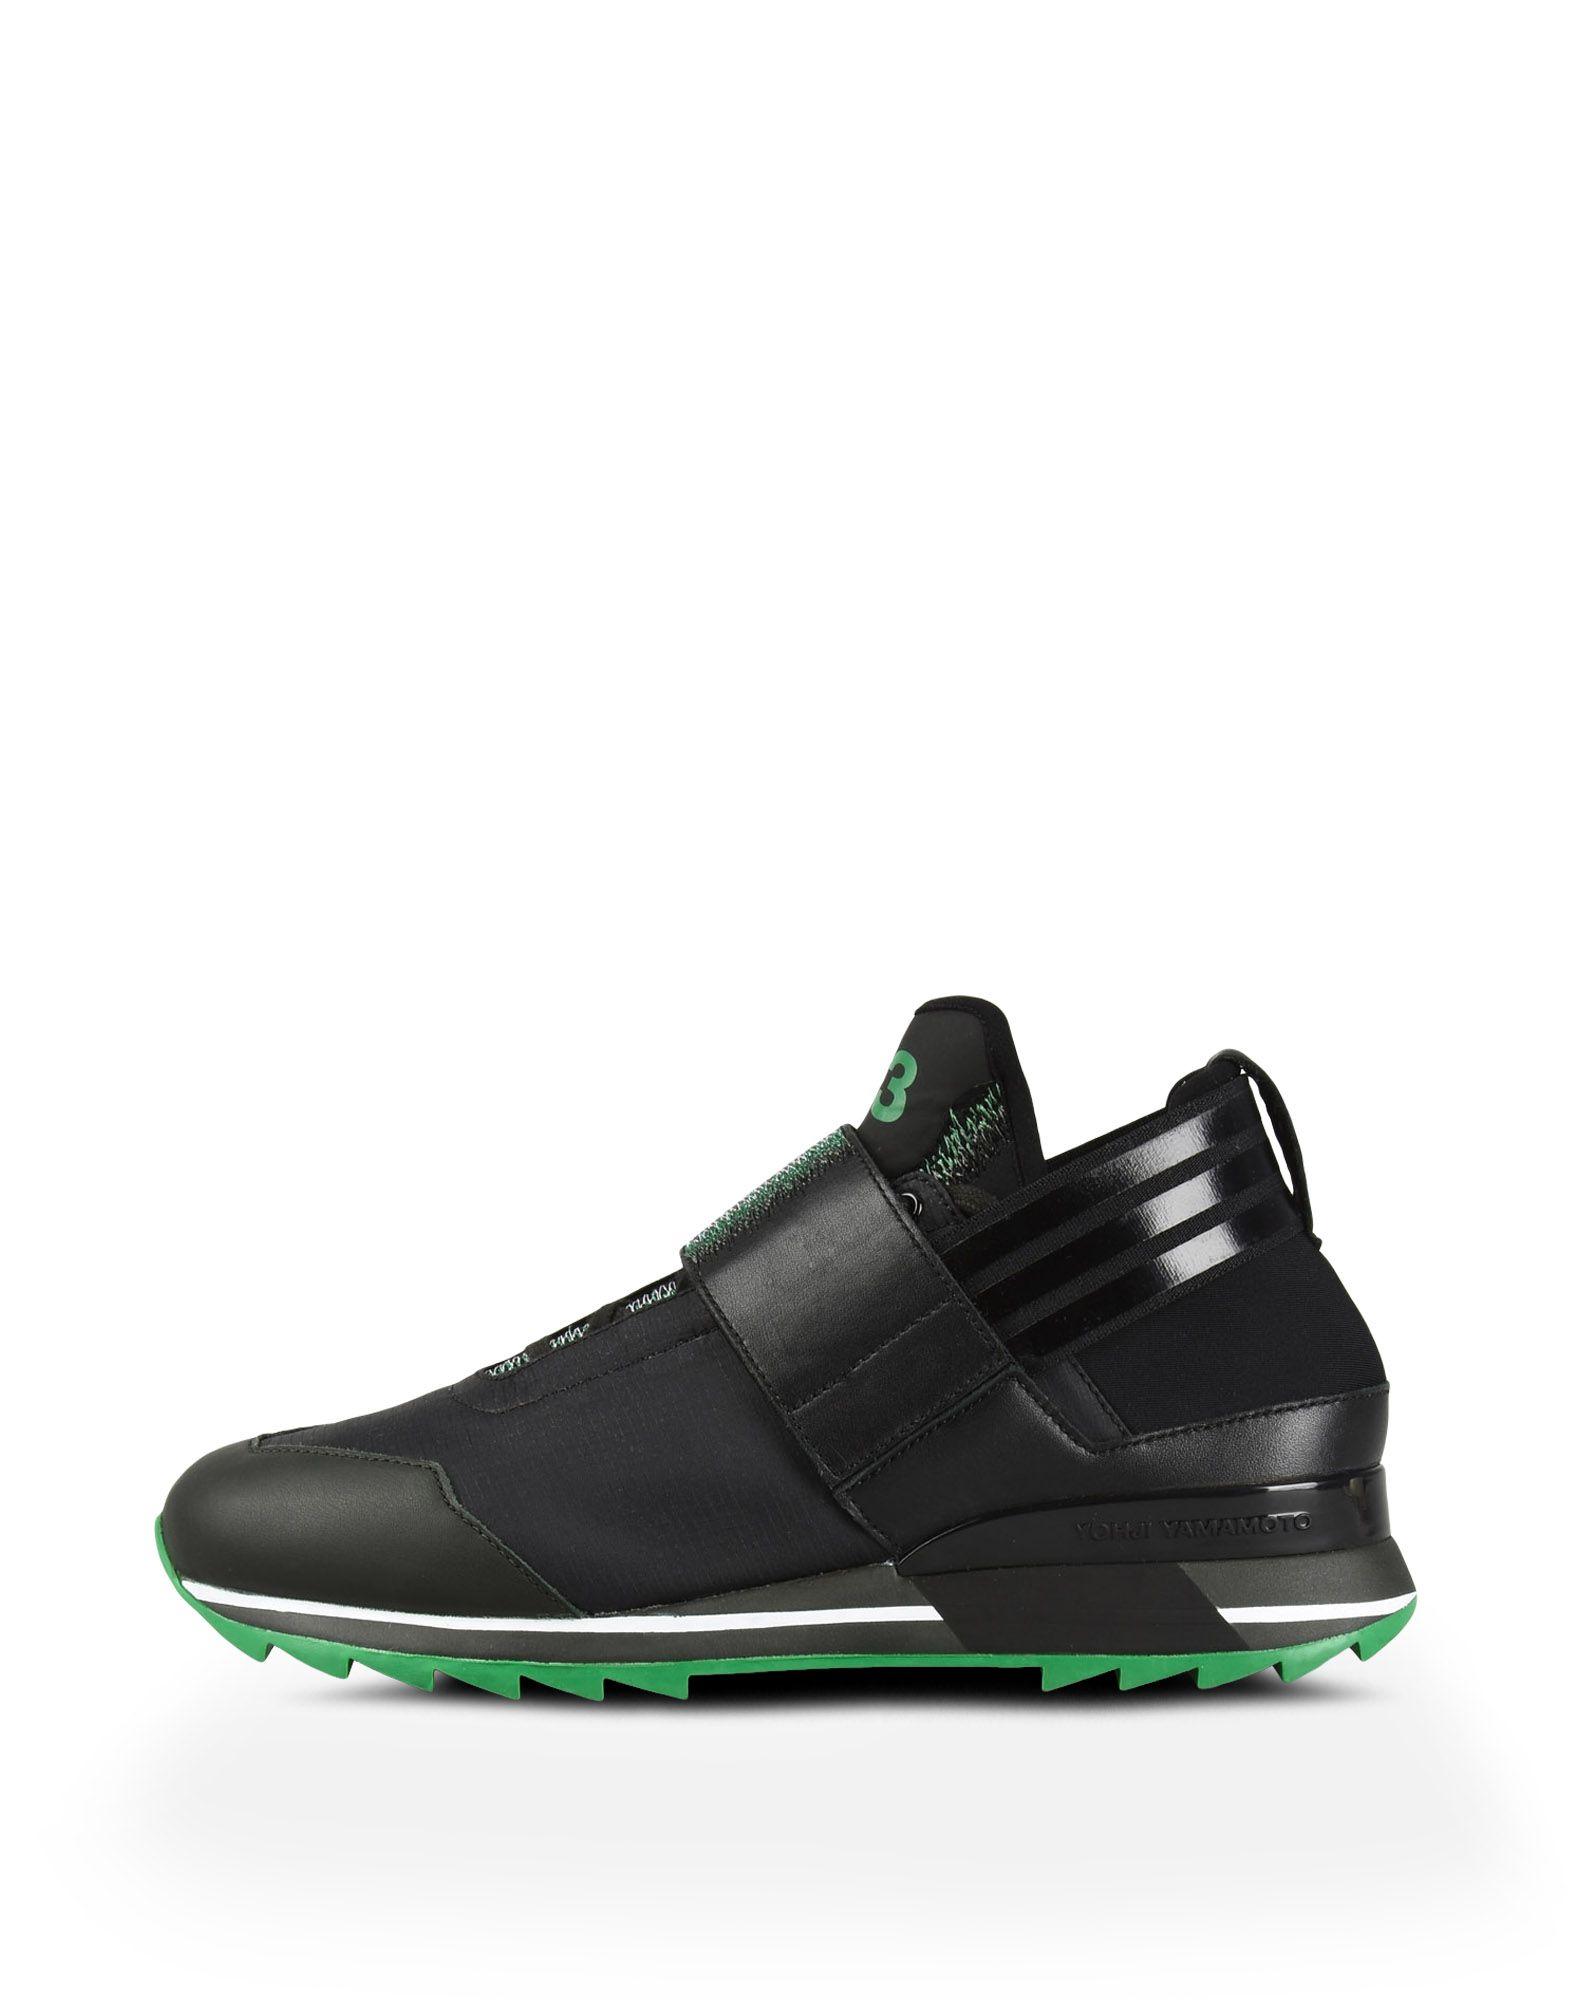 Acquista adidas y3 scarpe donna  813785d5980